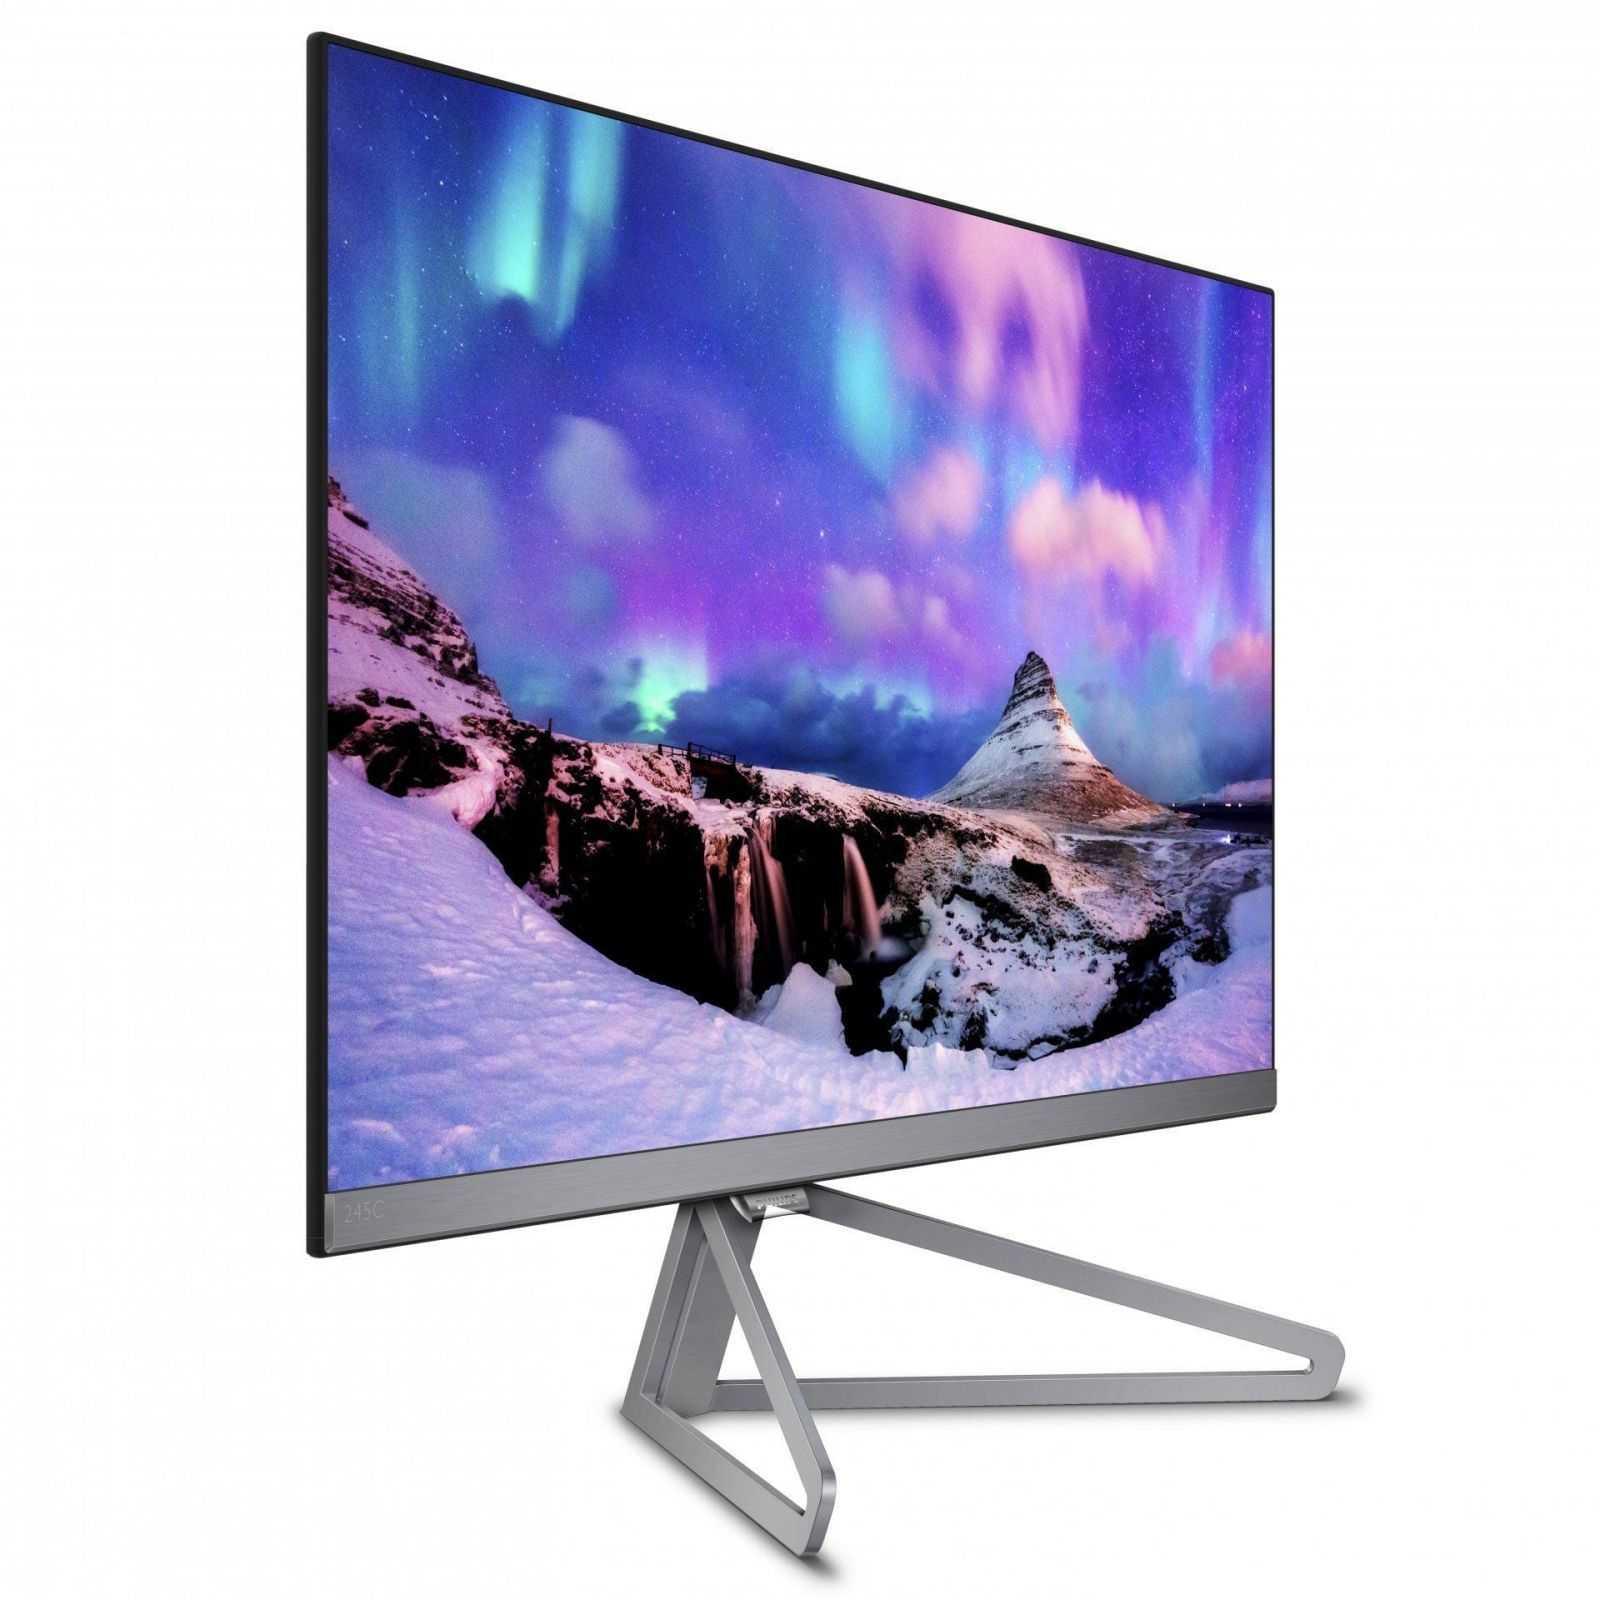 245C7QJSB ftl2 - Компания Philips выпустила новый сверхтонкий монитор Moda с поддержкой Ultra Wide Color